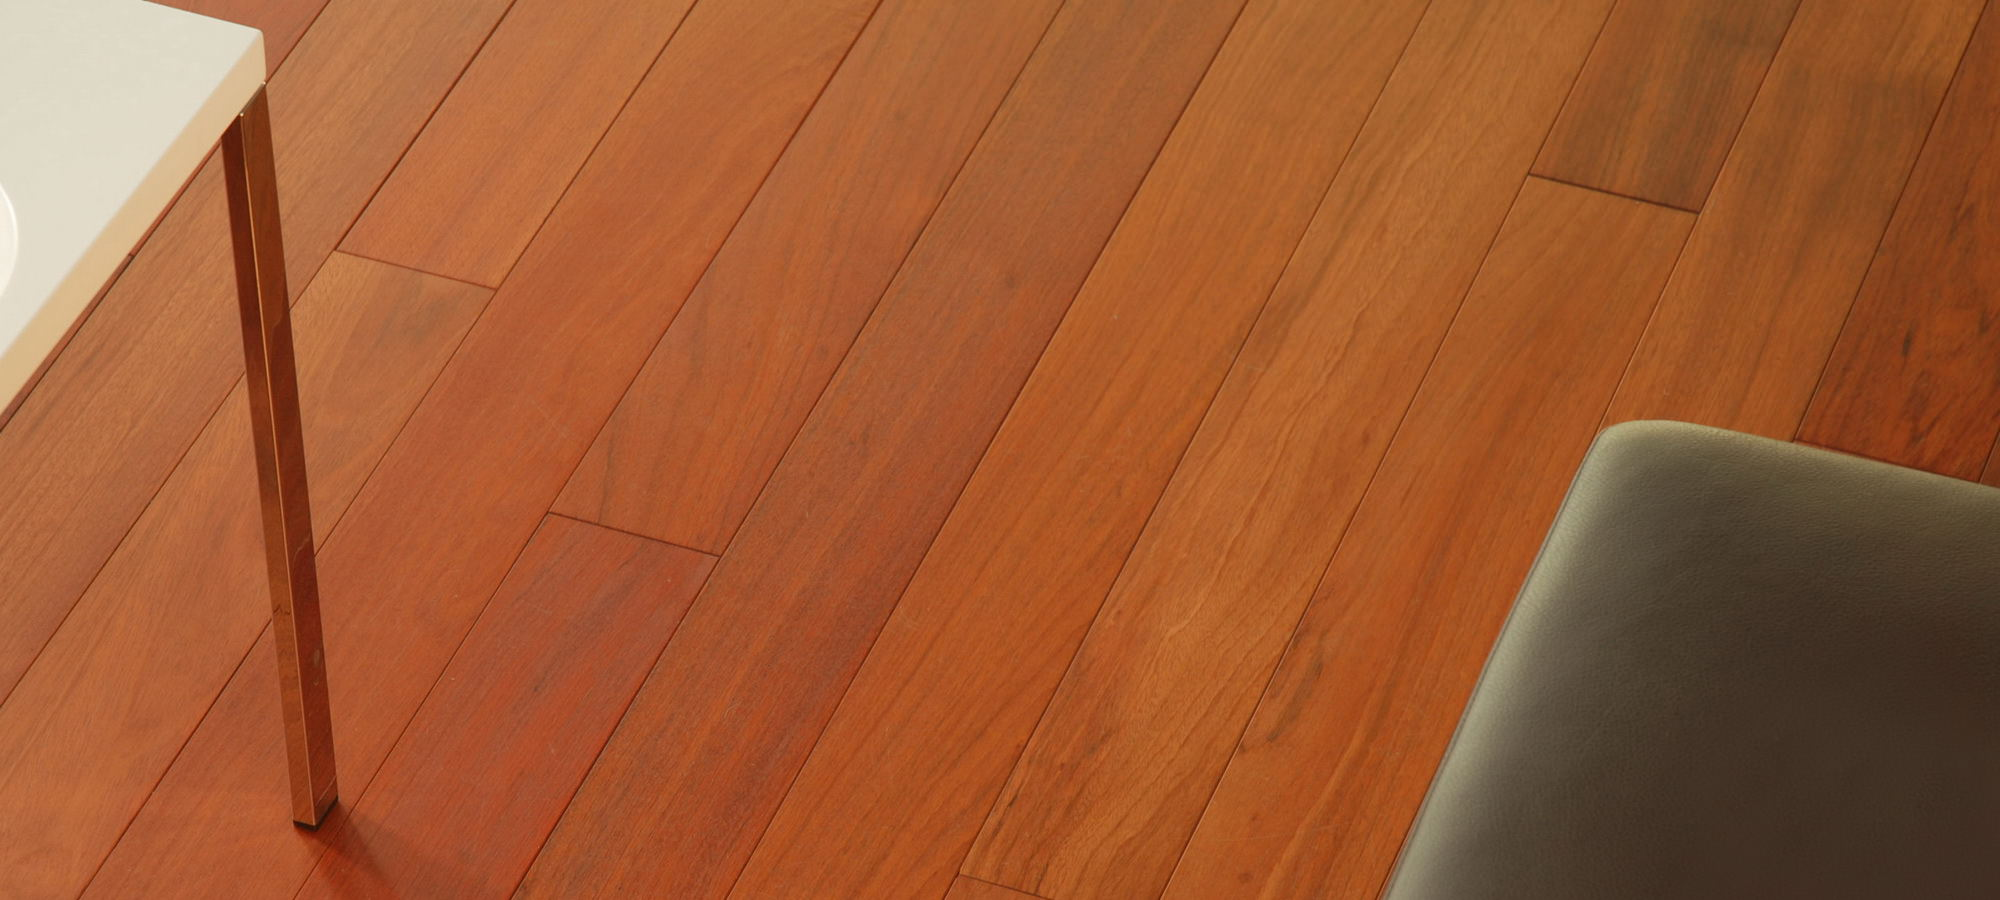 Holzfußboden Innenarchitektur